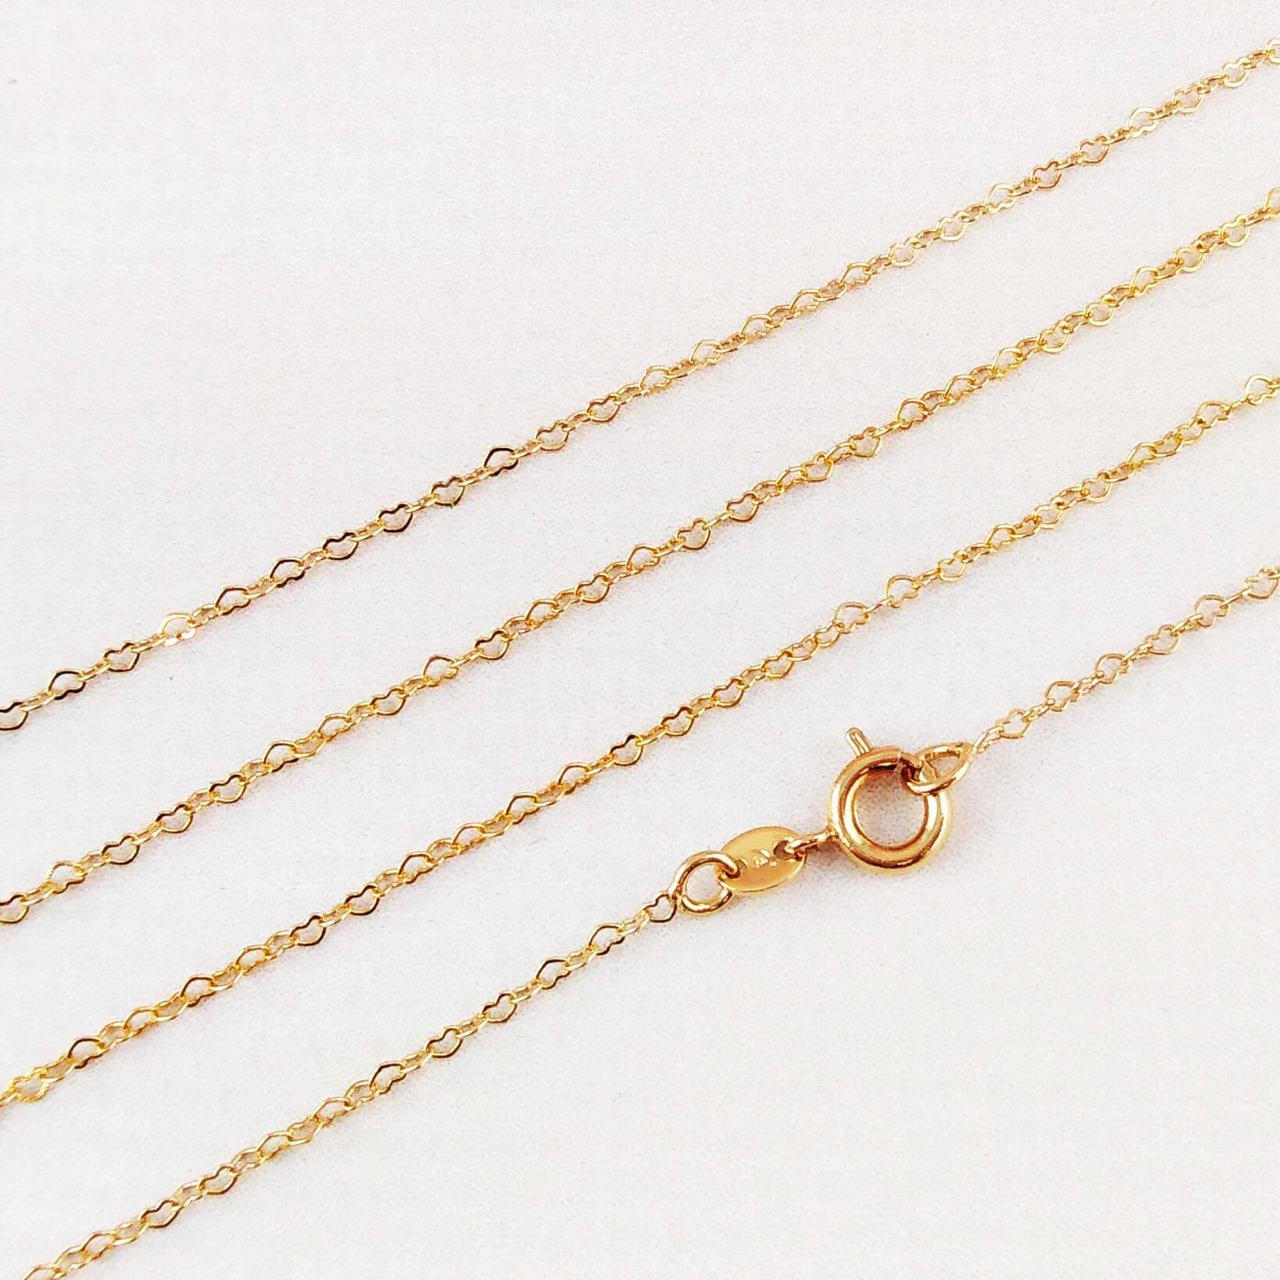 Цепочка Xuping Jewelry 55 см х 1,2 мм Сердечки медицинское золото позолота 18К А/В 3-0096